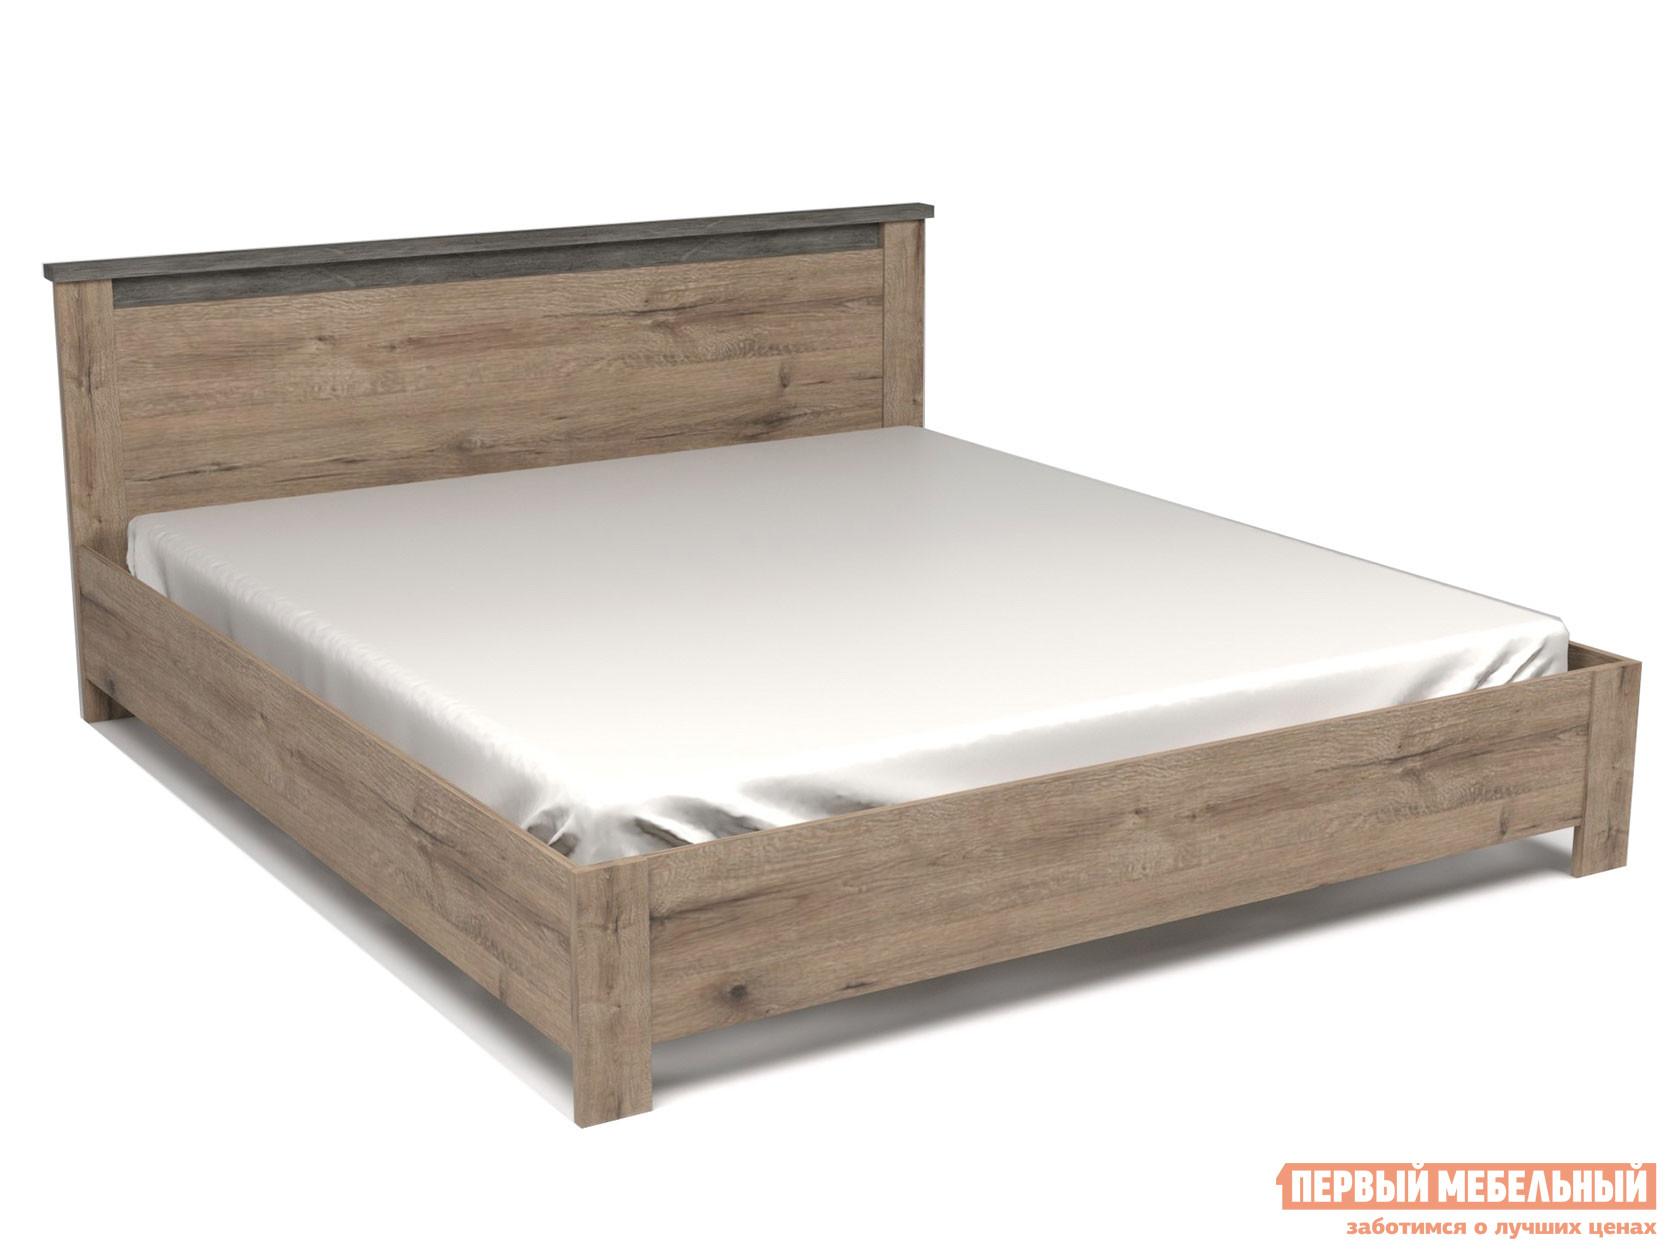 Двуспальная кровать  Кровать Денвер Дуб веллингтон / Камень темный, 1800 Х 2000 мм, Без основания, Без подъемного механизма